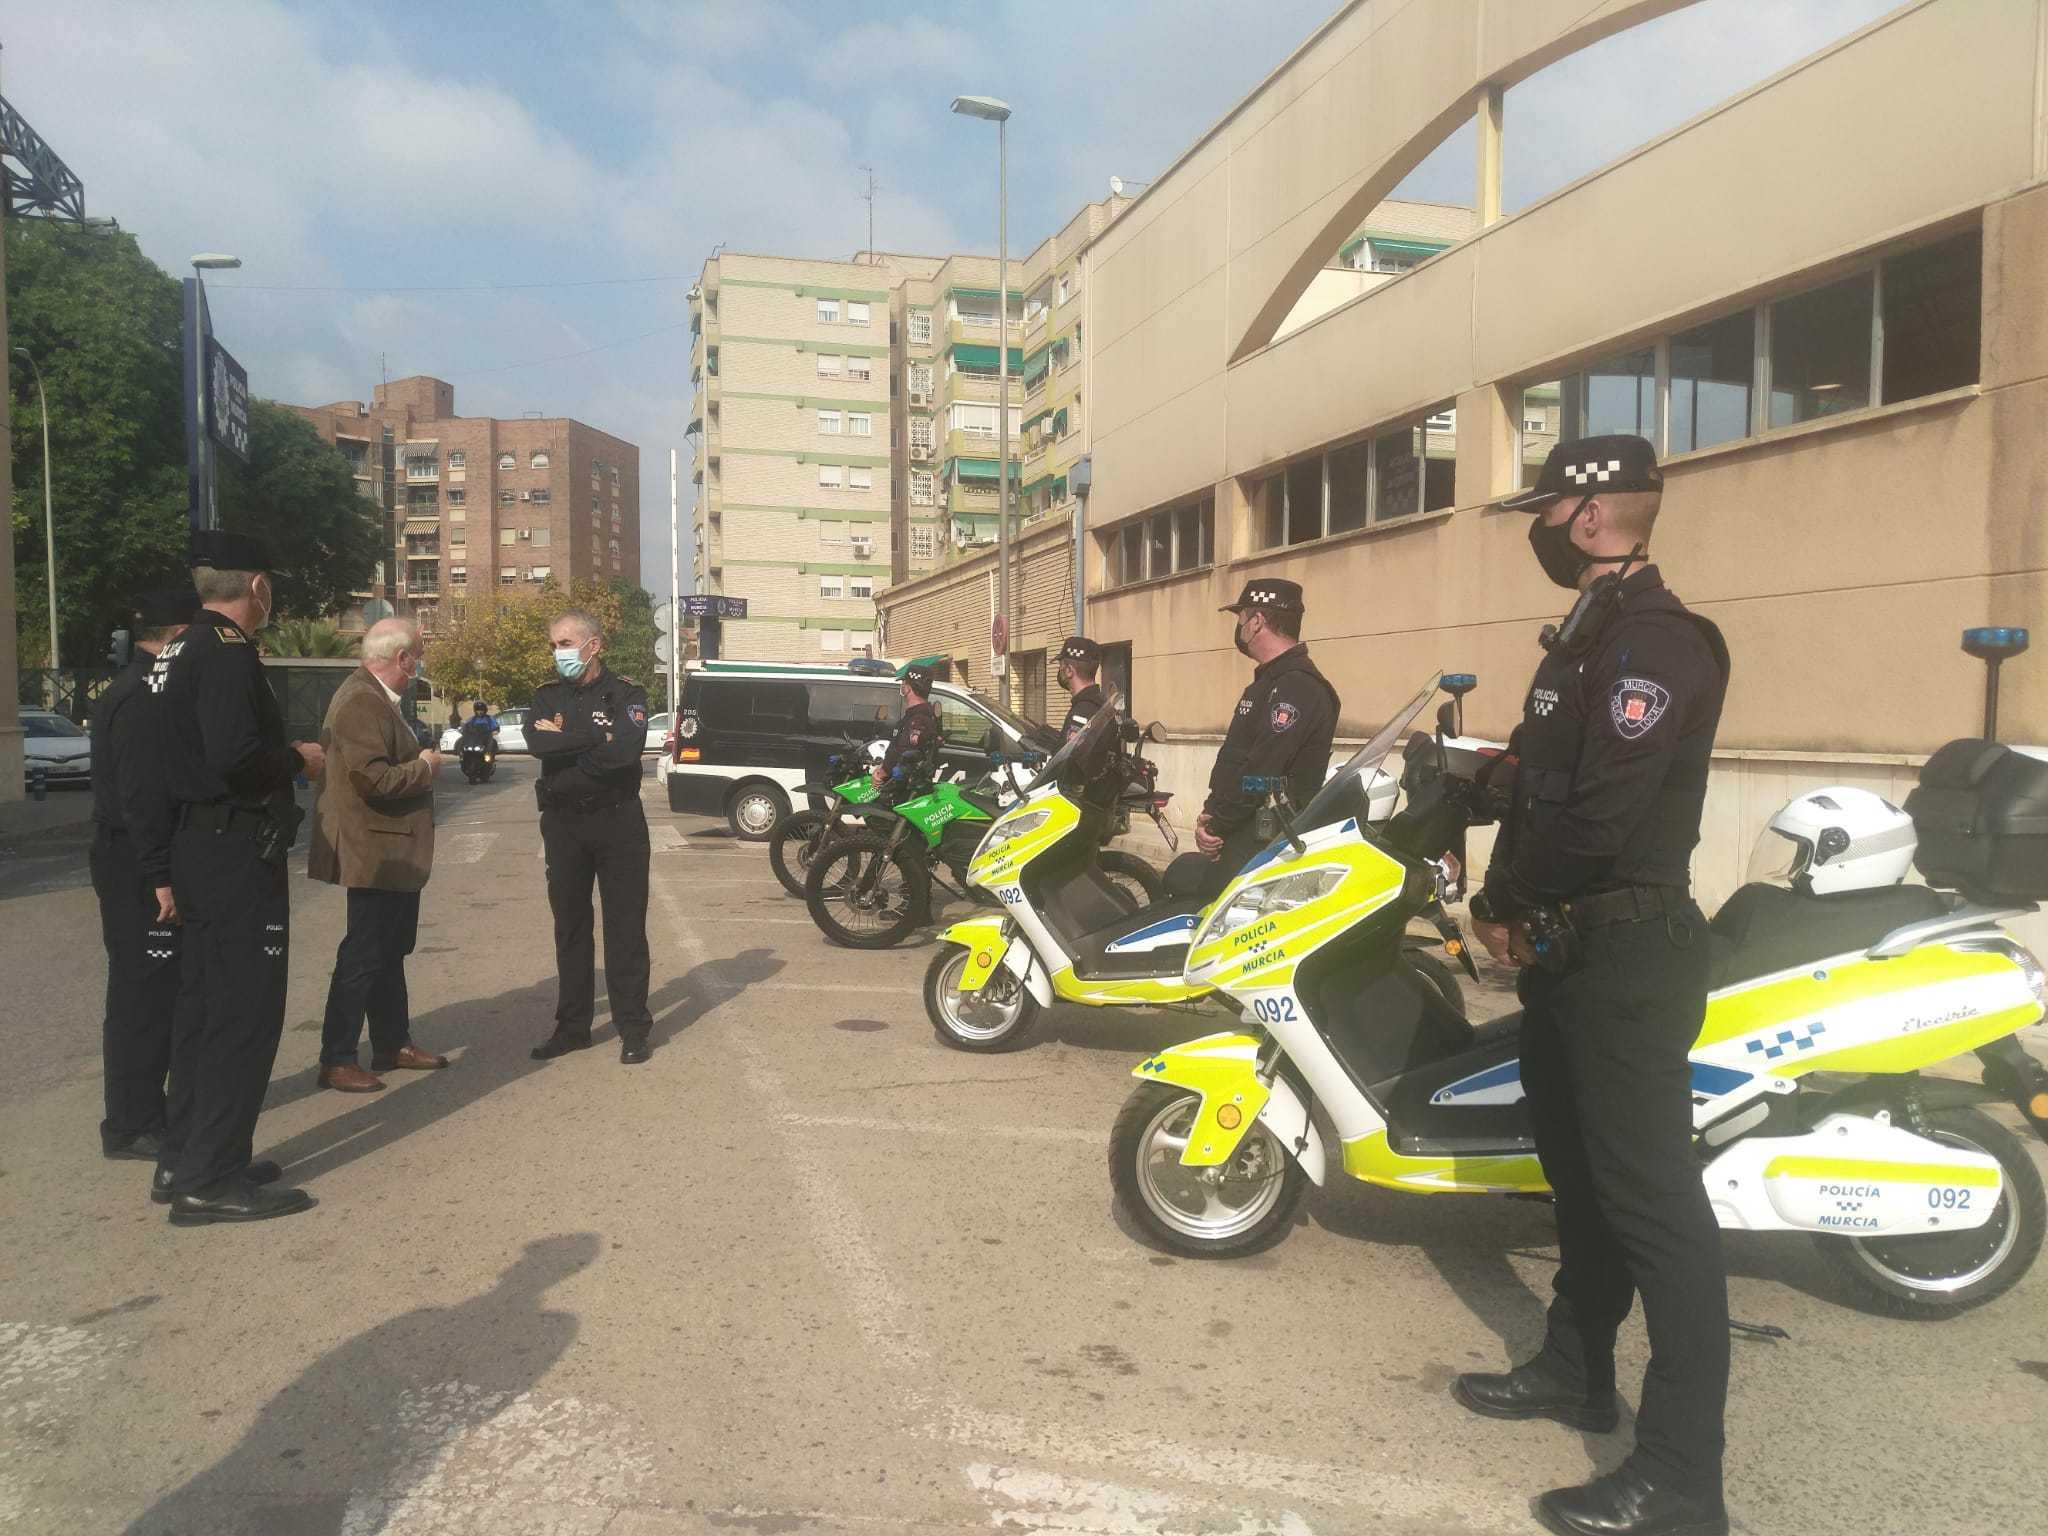 Policia Local apuesta por la Movilidad Sostenible